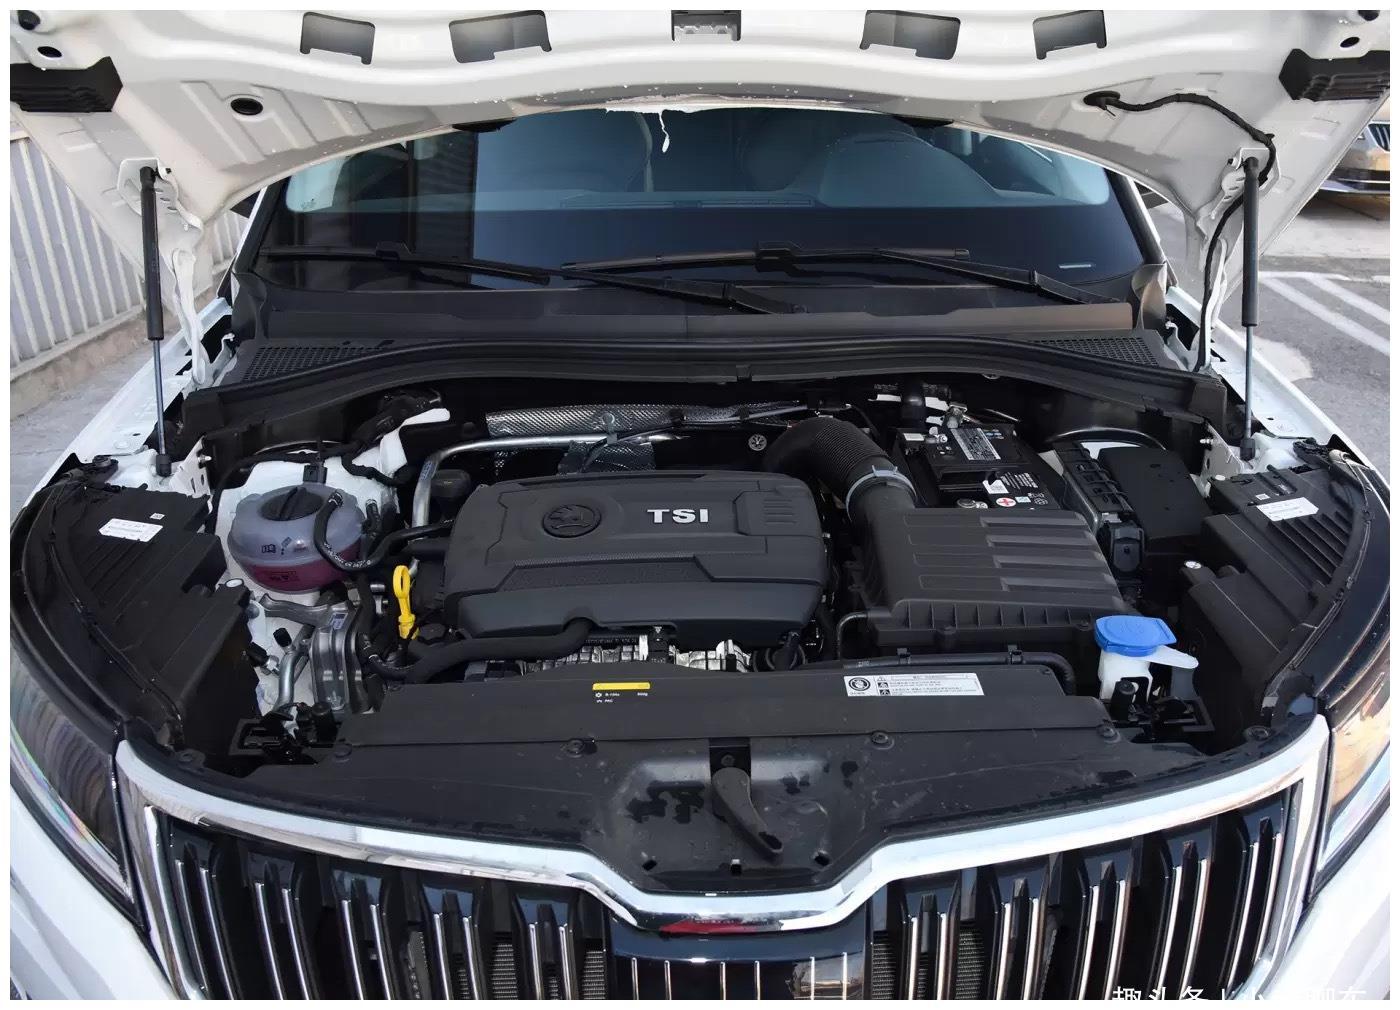 车价降4万 还配有全时四驱系统 速度7.5秒破百 还是囯六排放标准